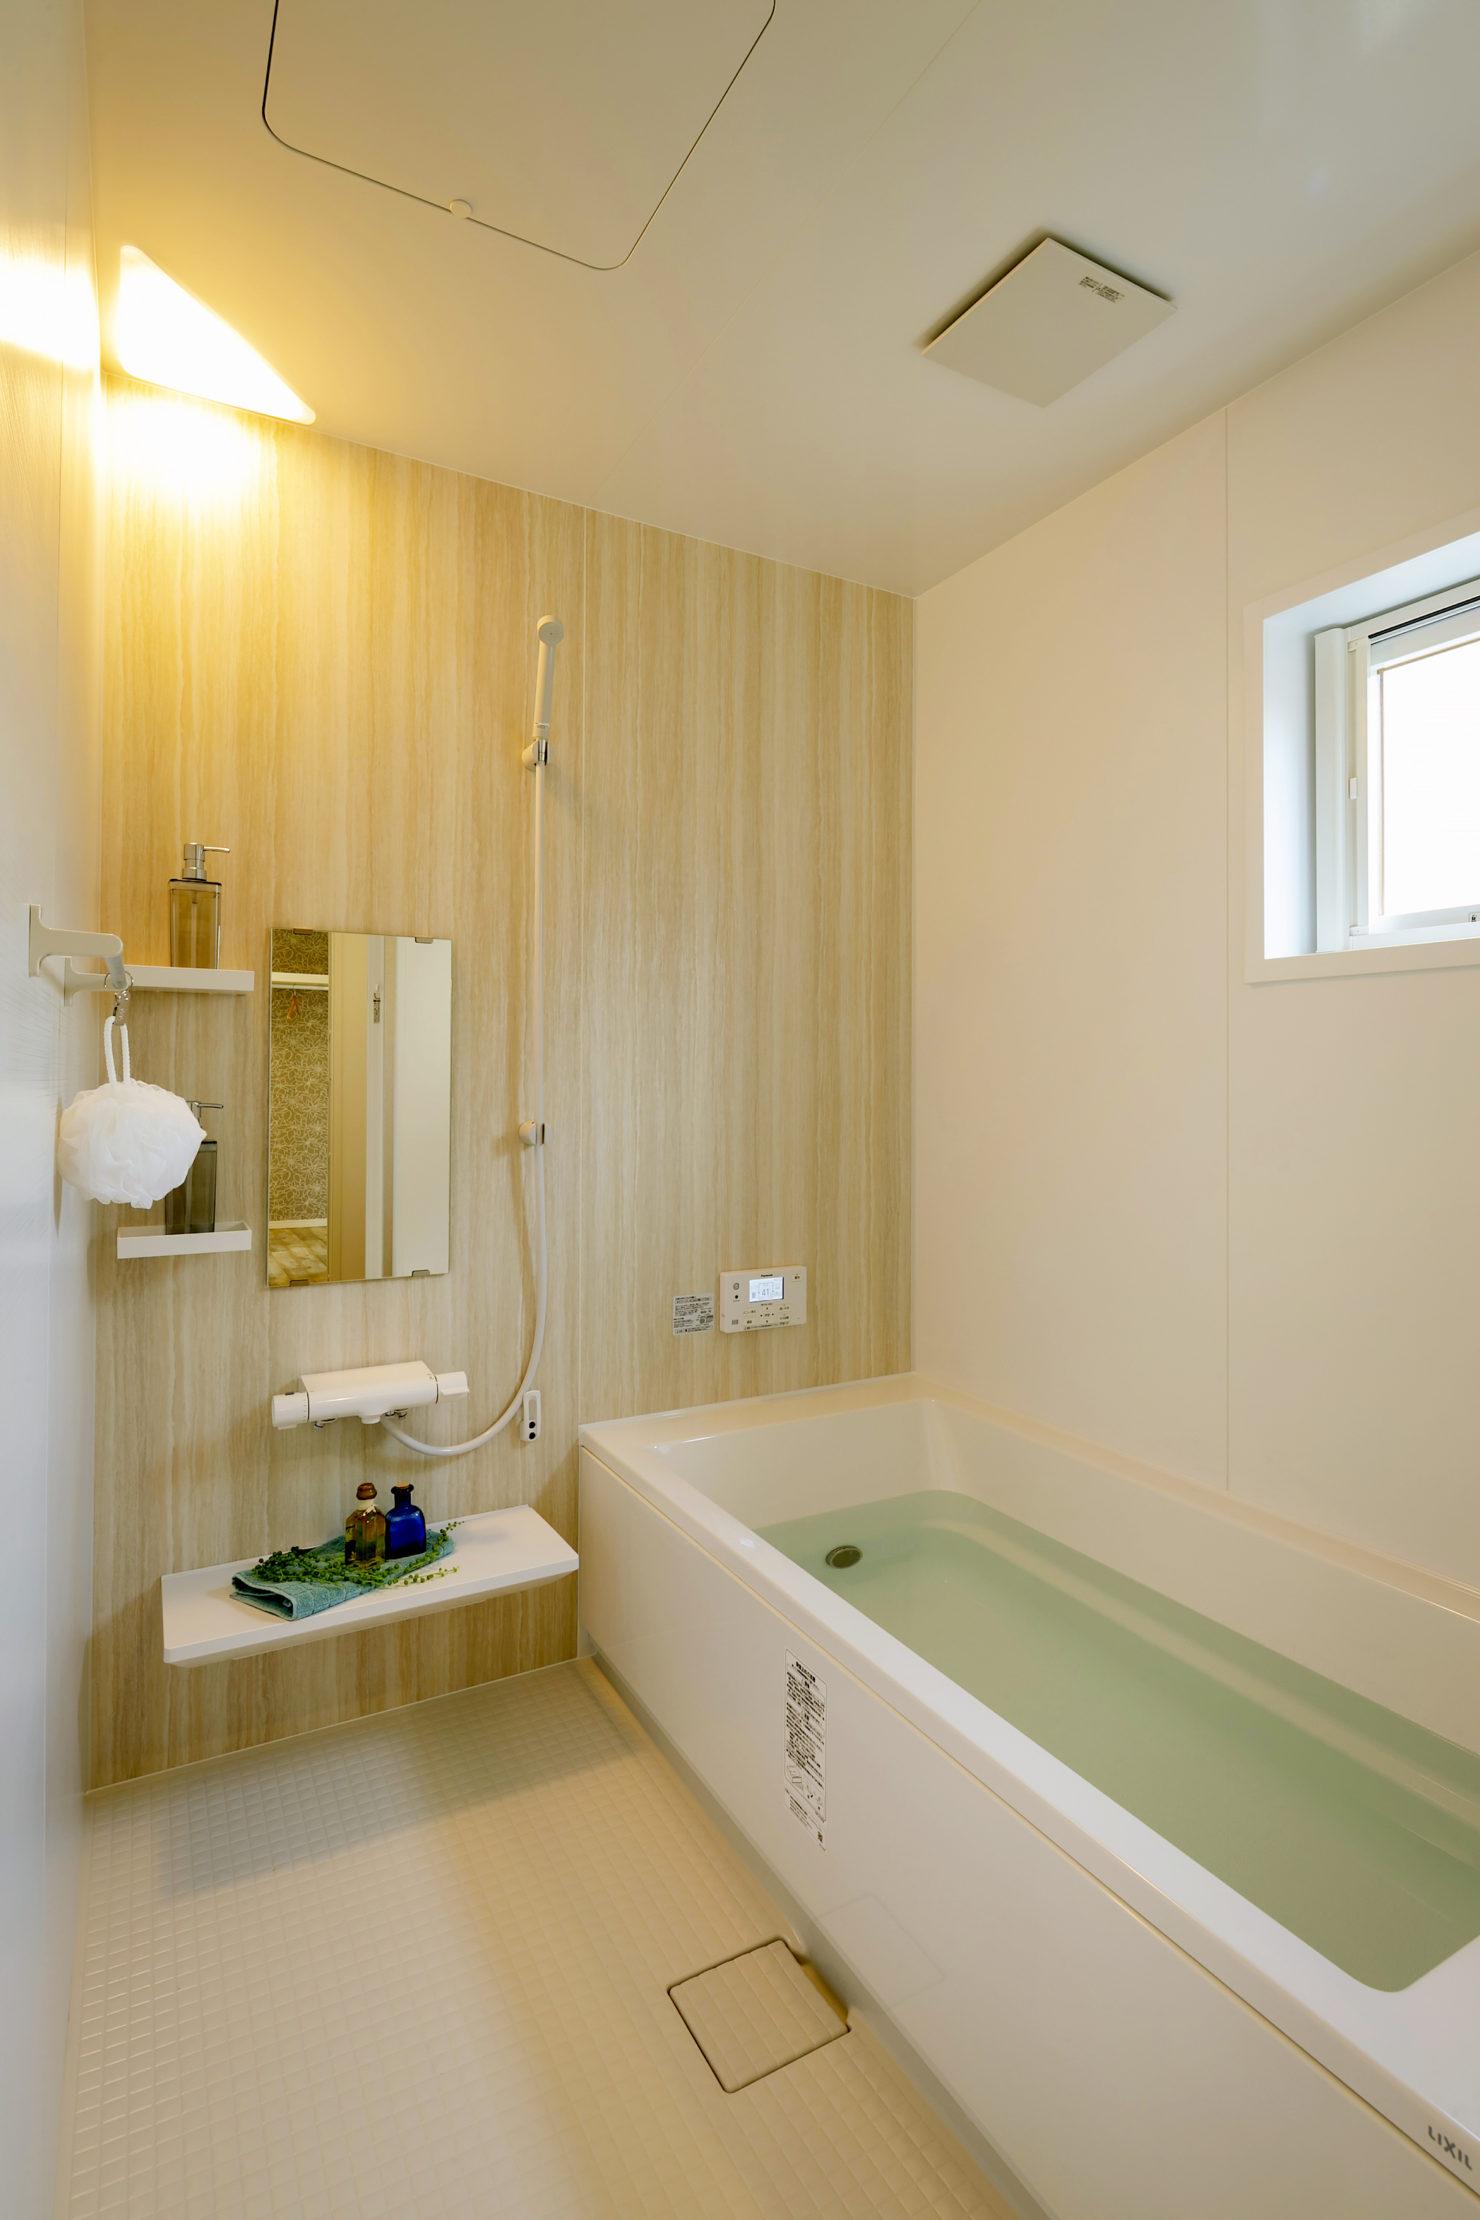 ハウスM21 盛岡市黒石野建売住宅 浴室写真